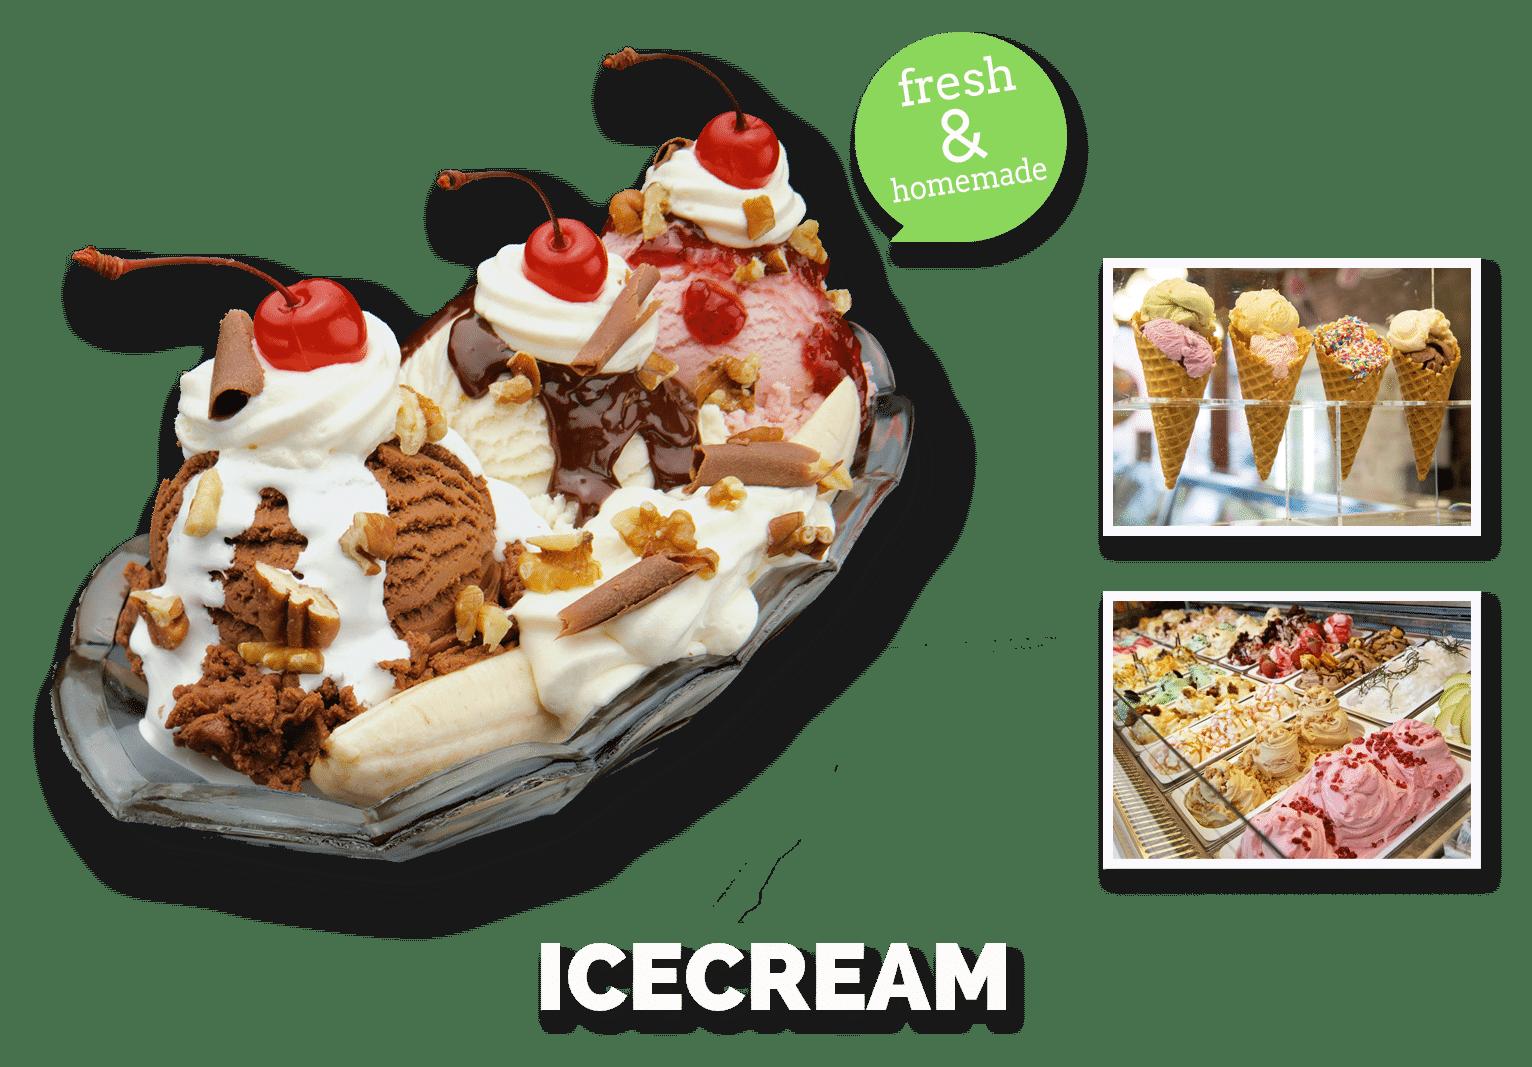 ice cream, ijs fresh and homemade